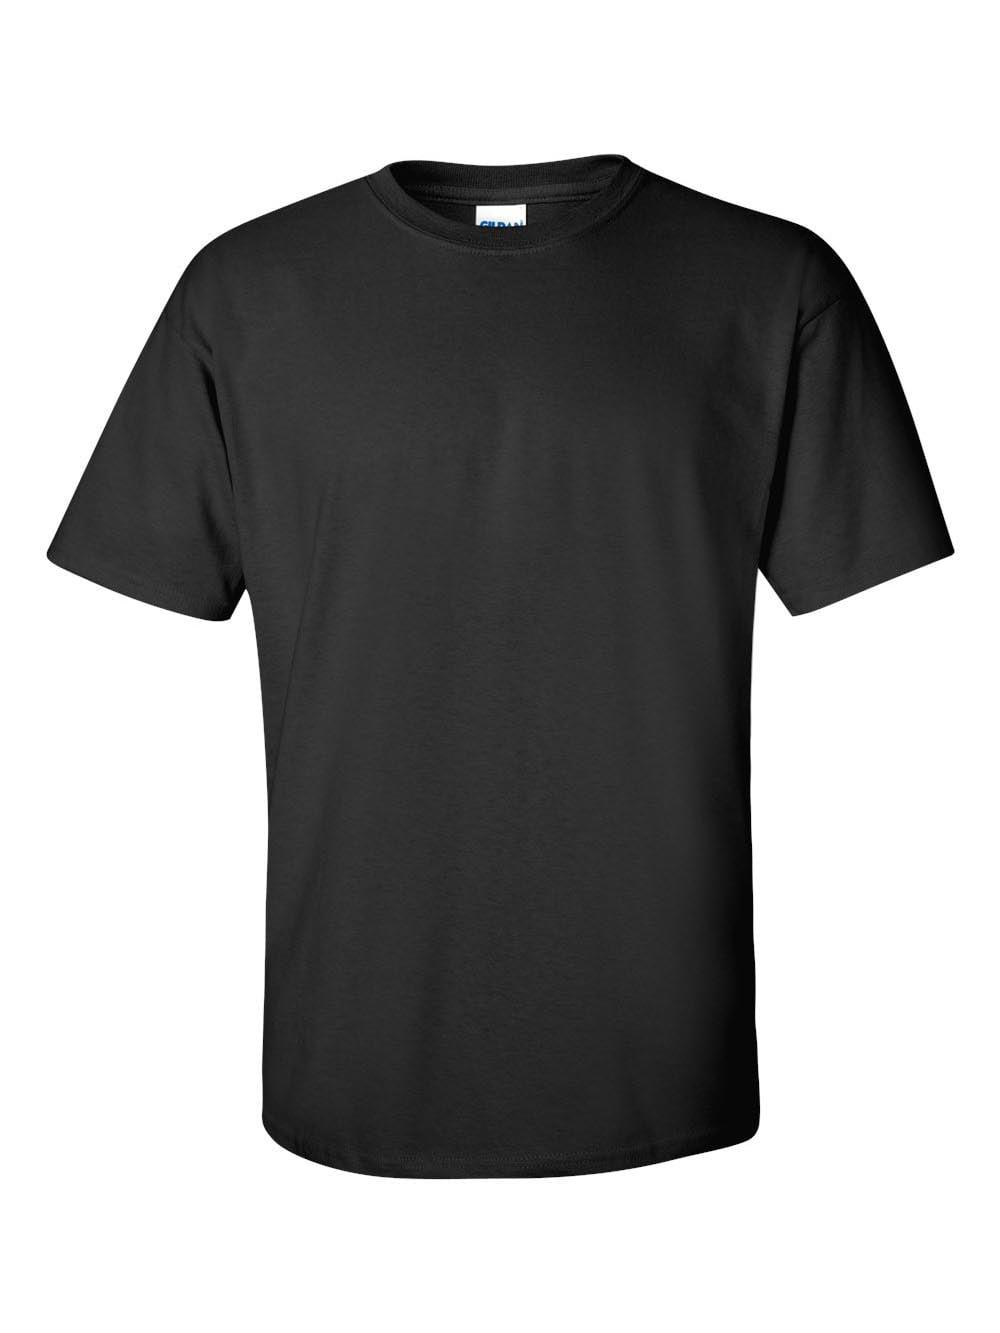 Gildan - Ultra Cotton T-Shirt - 2000